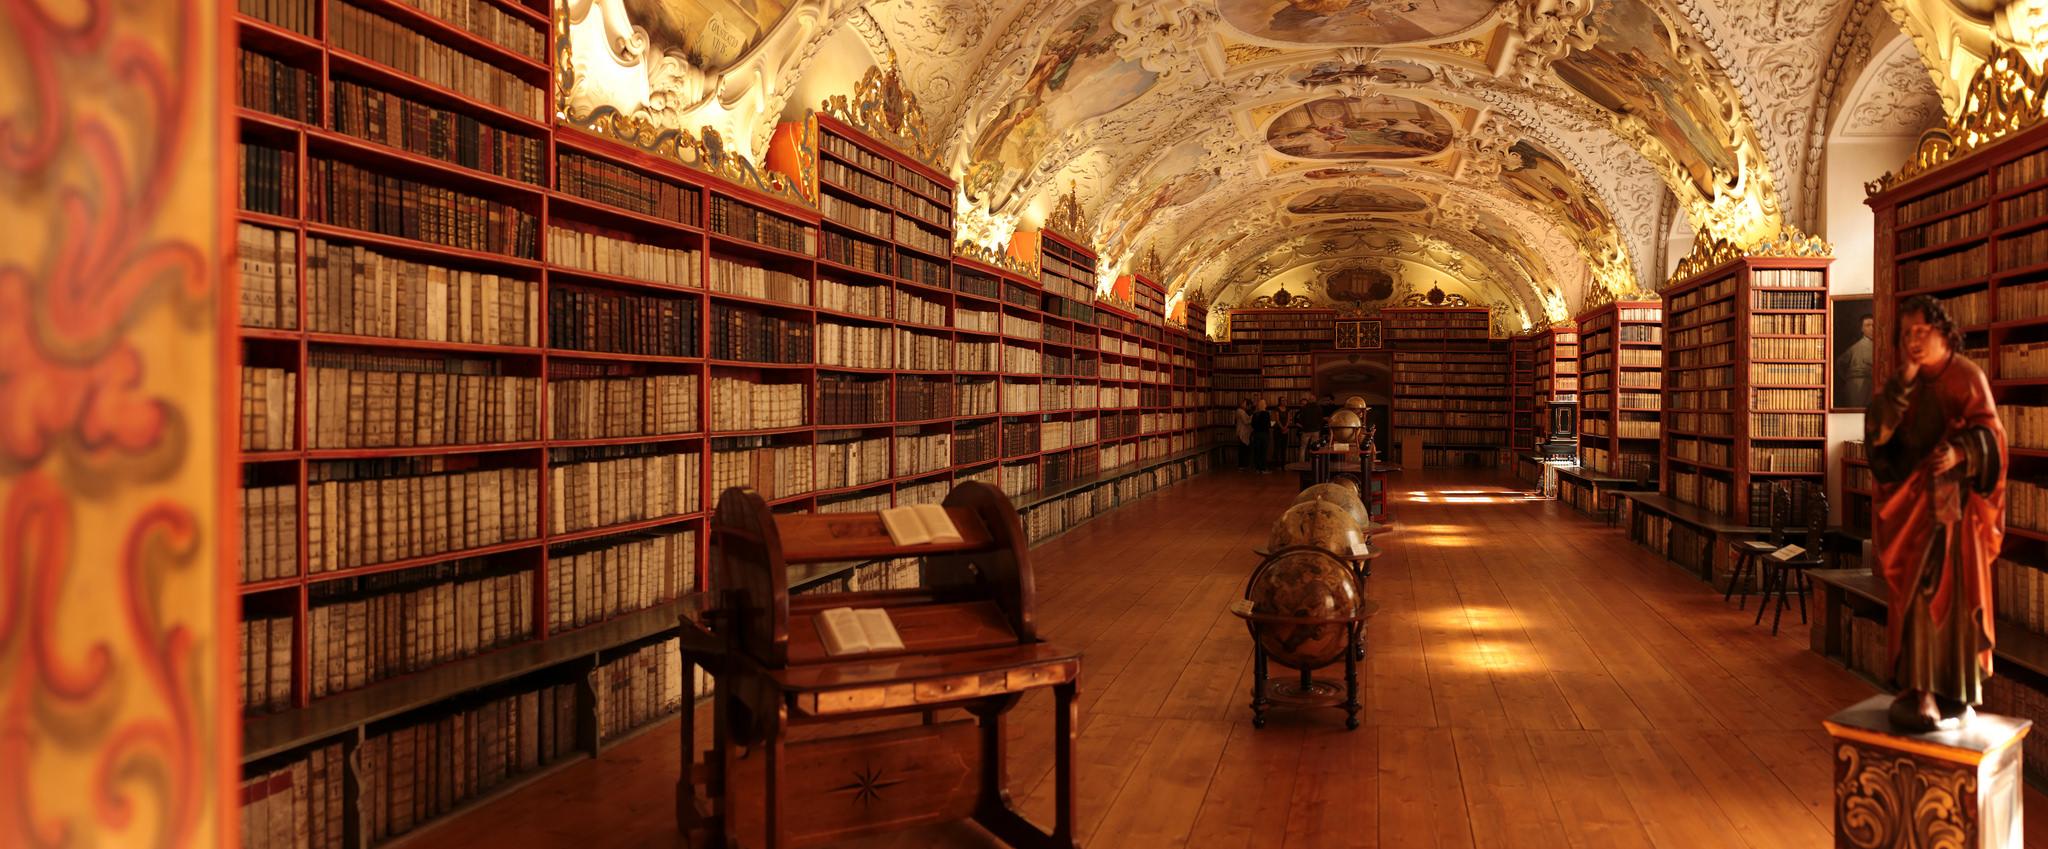 Sala Teológica de la Biblioteca de Strahov   @Chriswaits en Flickr (cc)